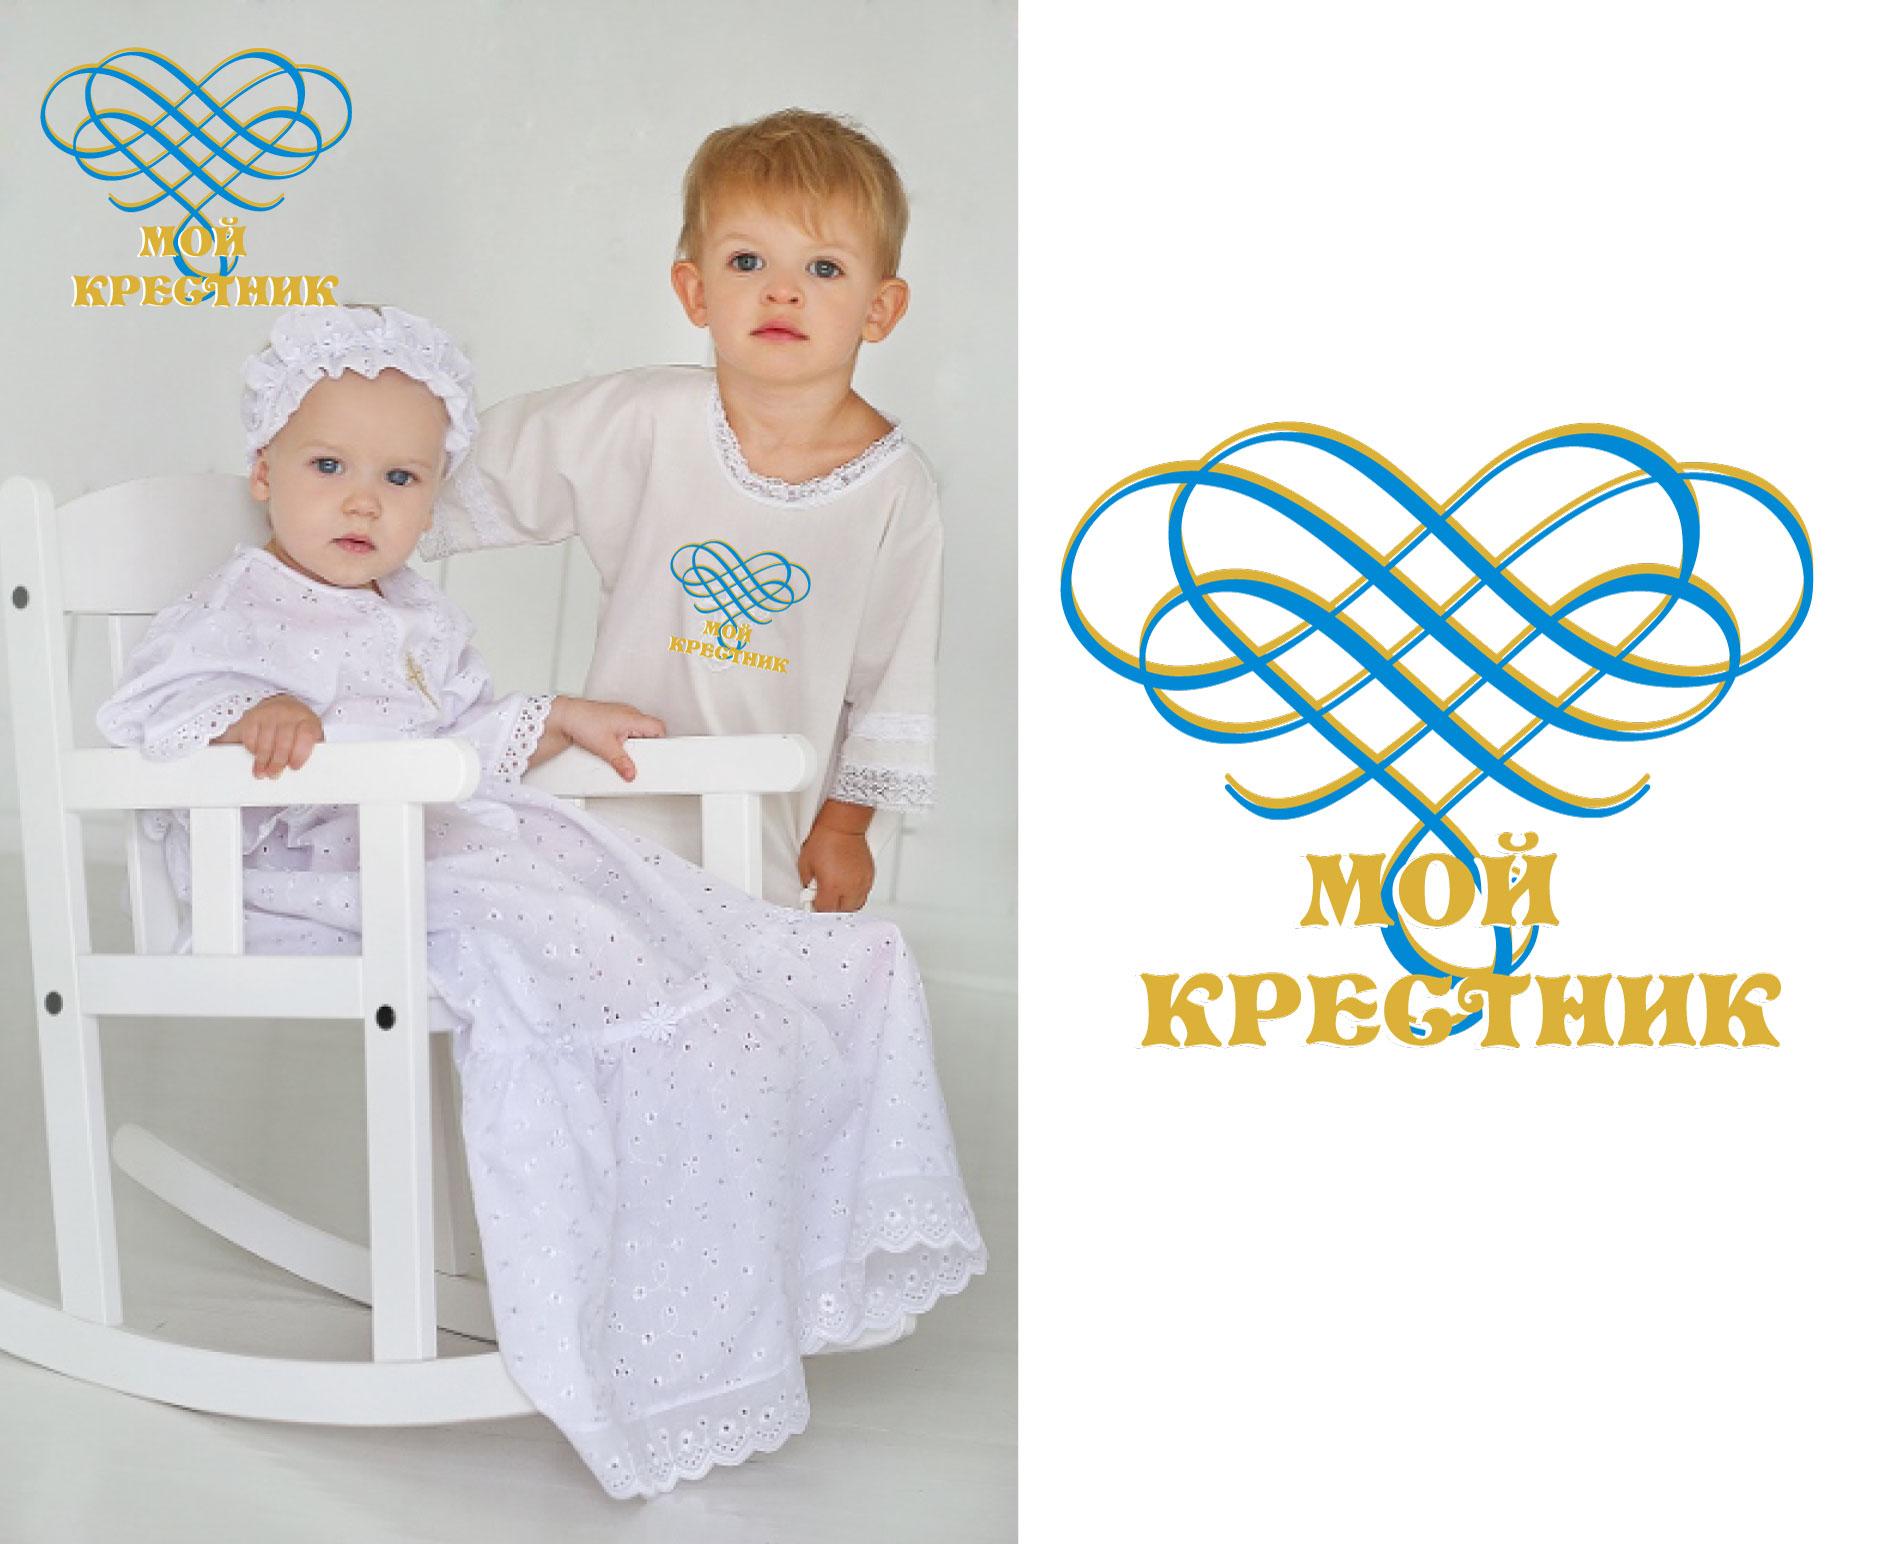 Логотип для крестильной одежды(детской). фото f_6435d571a382d2b6.jpg